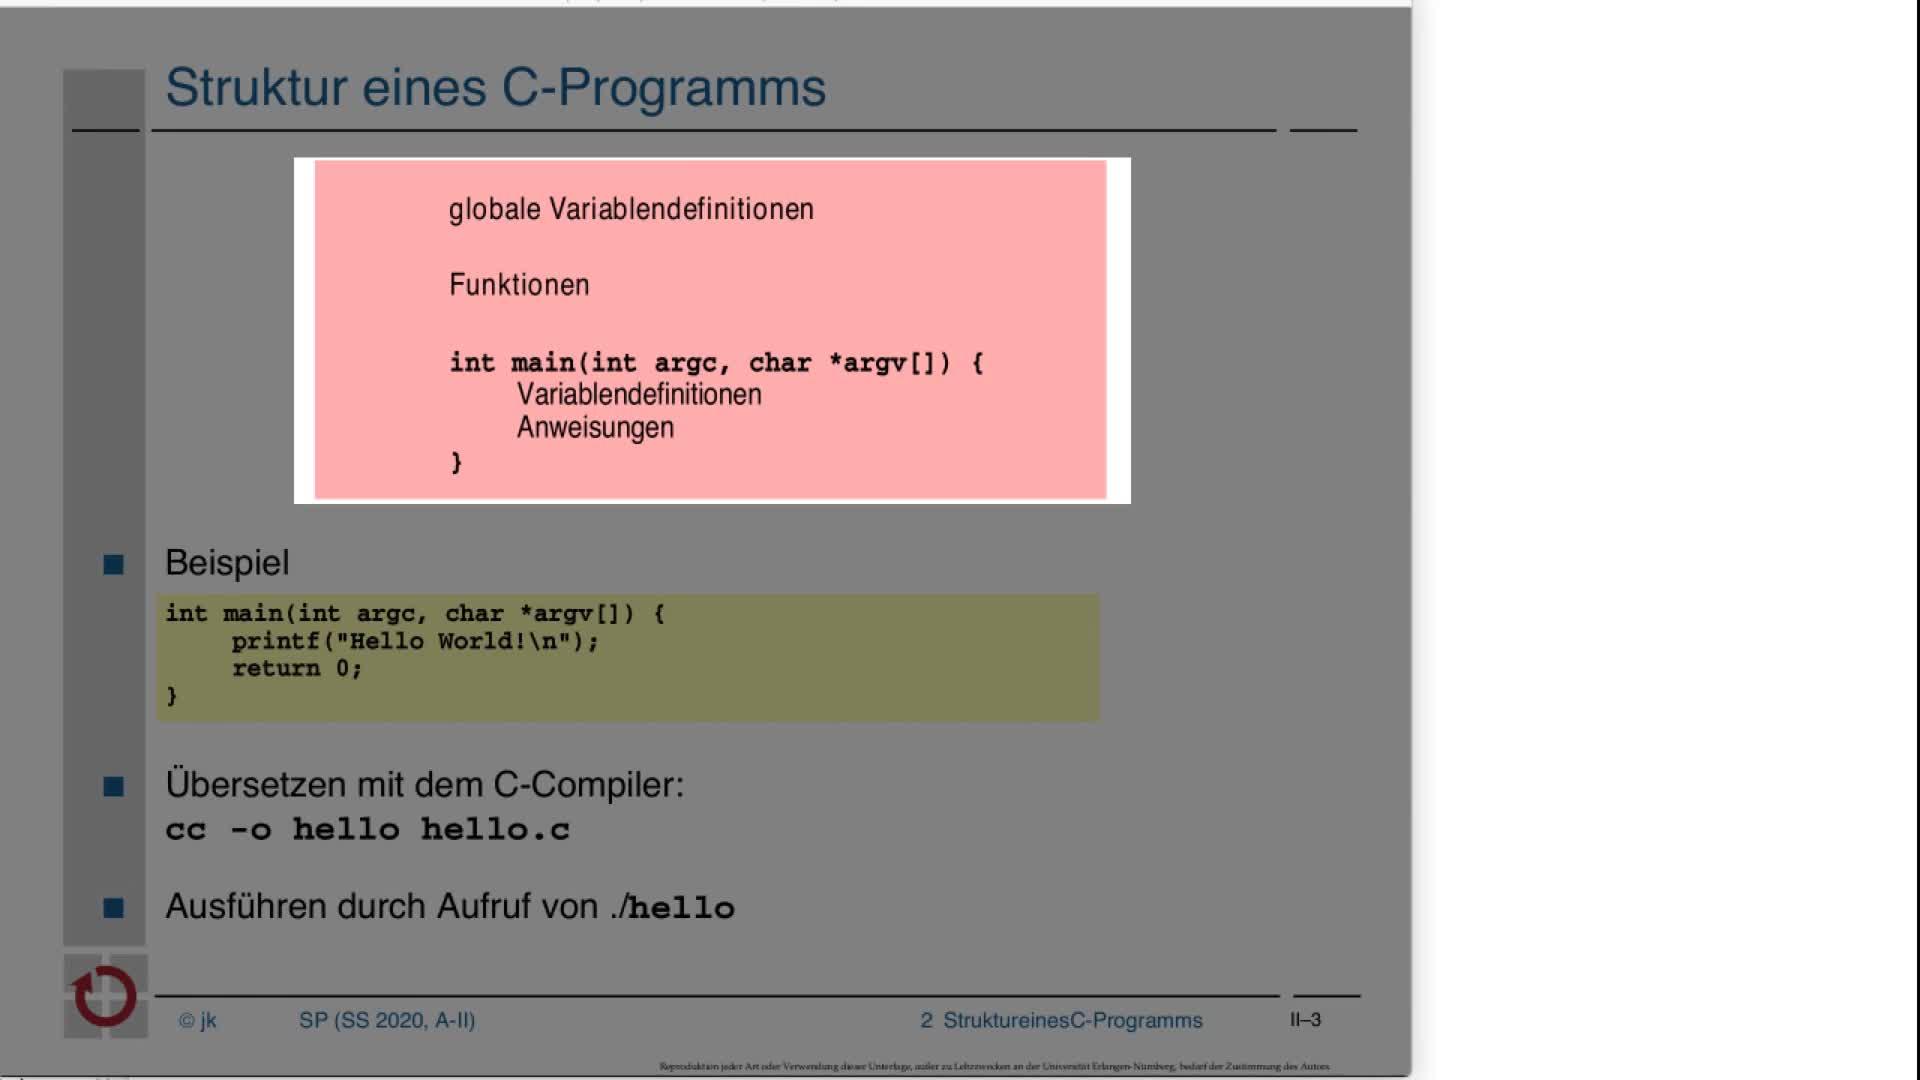 2.1.3 C-Kurzeinführung: Progammstruktur, Datentypen und Variablen preview image